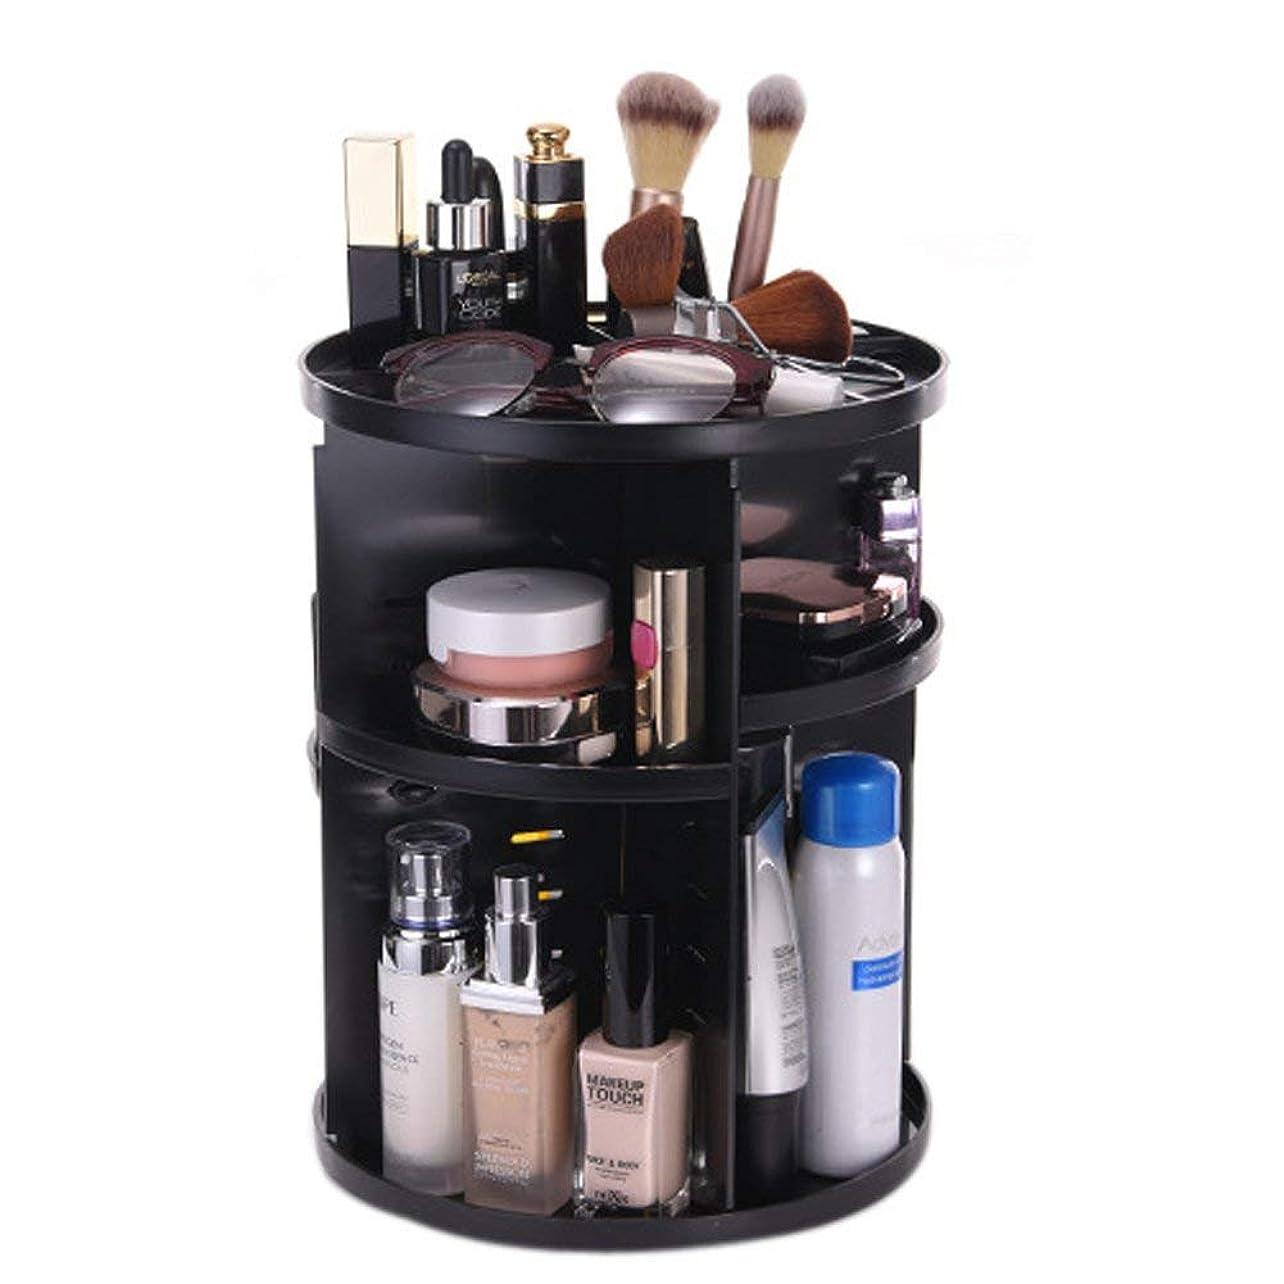 入学する避難現実にはwinkong 化粧コスメ収納ボックス アブラック 化粧品収納 360度回転 調整可能 大容量 多機能 クリルケース メイクケース